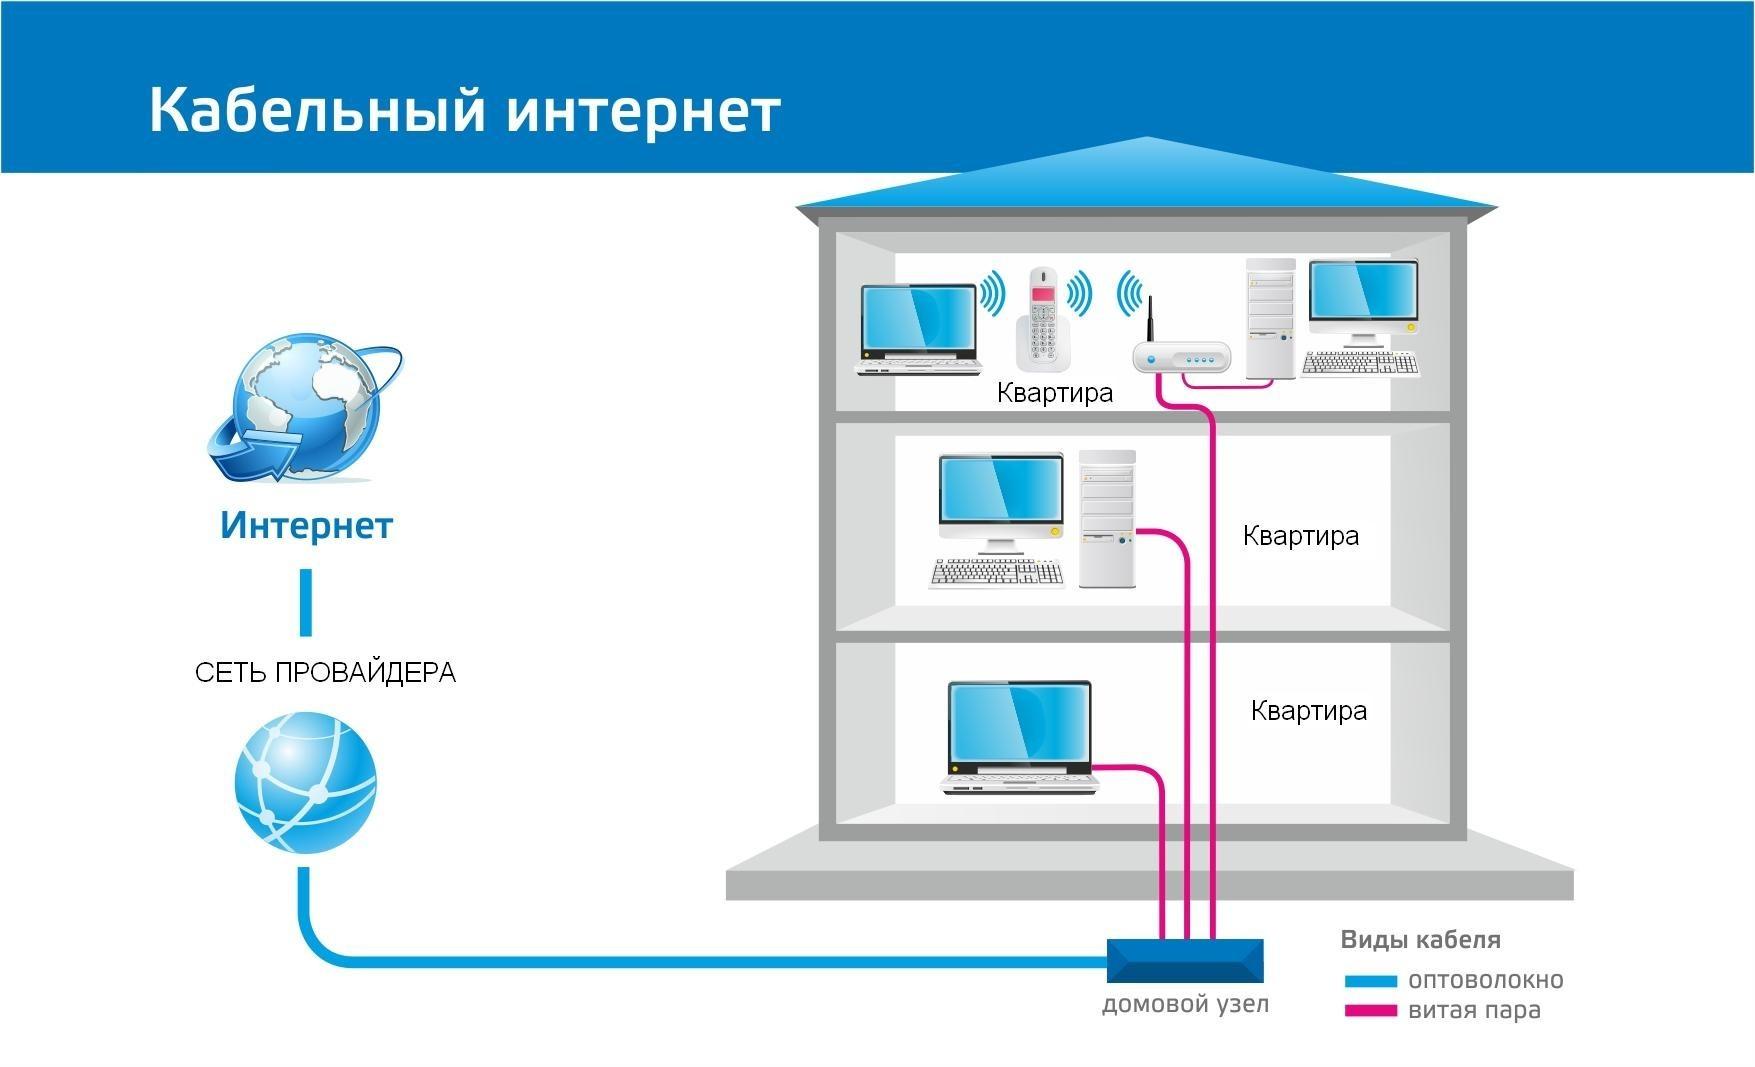 Какой тип соединения использует провайдер Ростелеком?